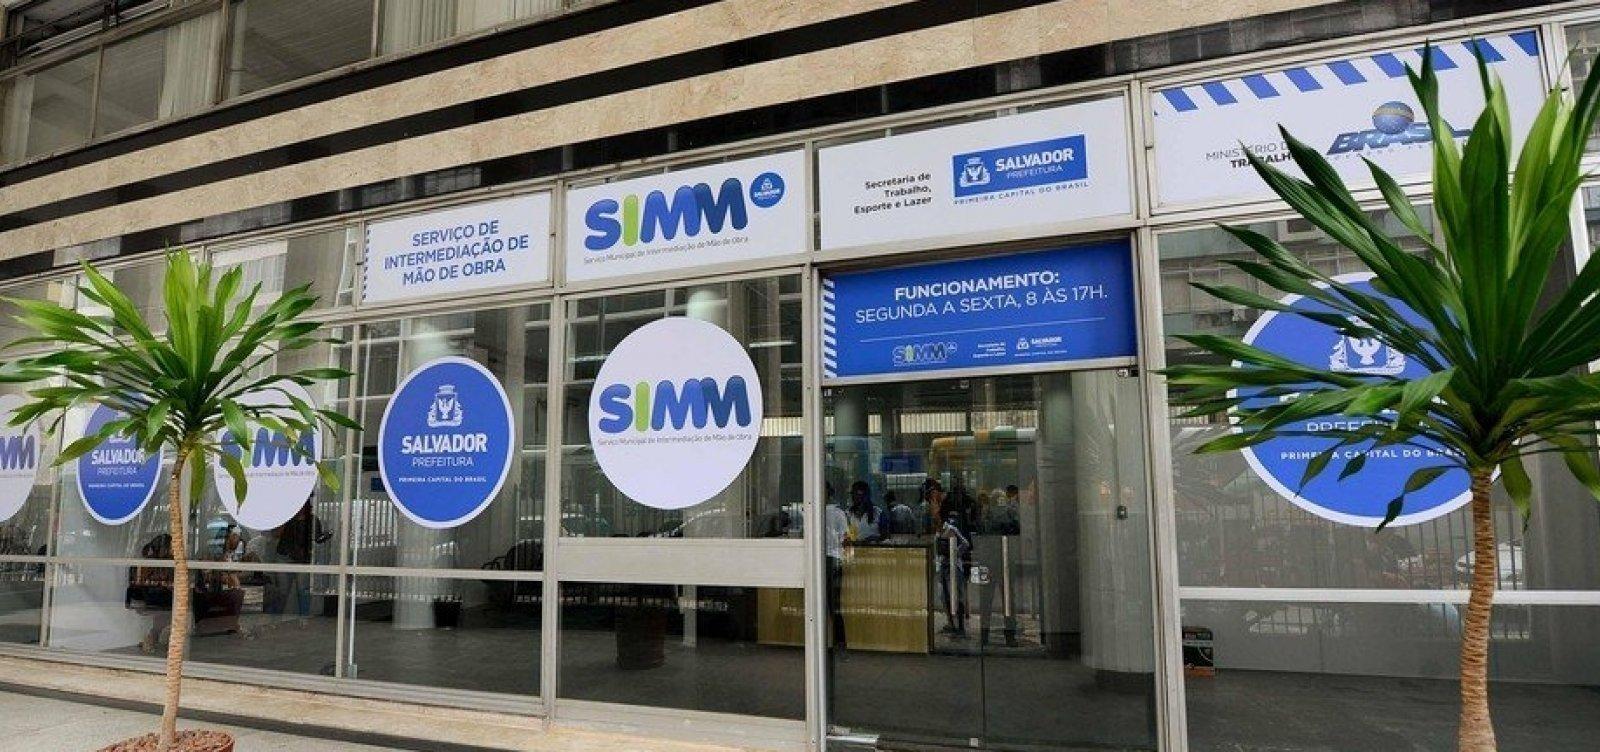 Simm oferece 40 vagas de emprego em Salvador para esta terça; confira